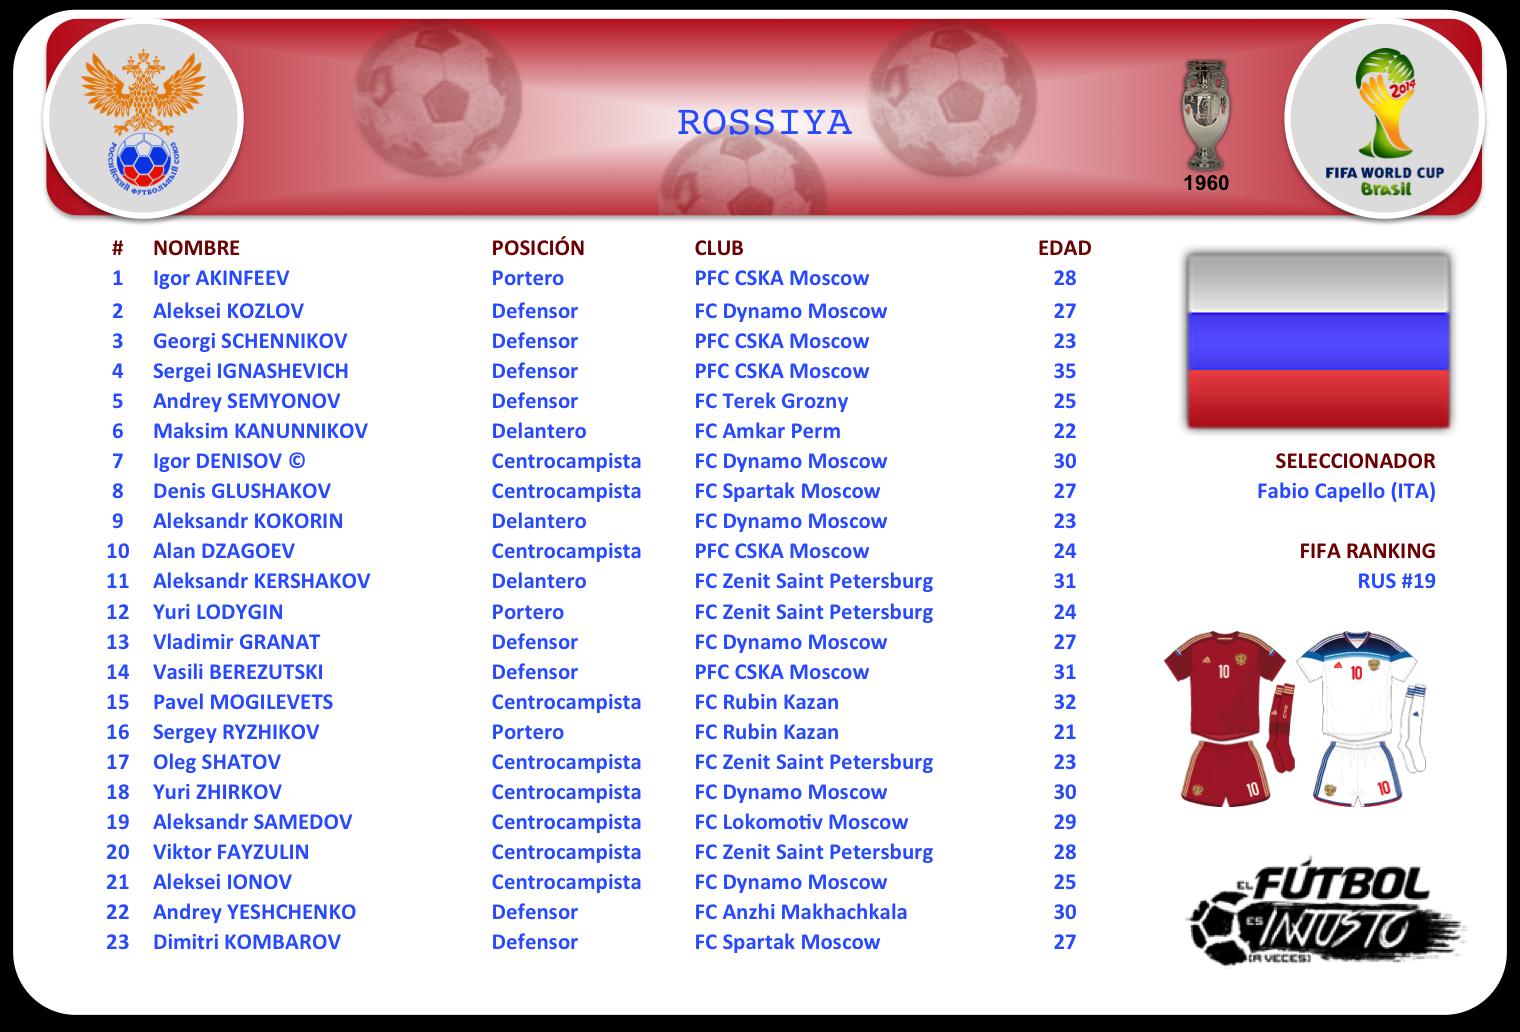 Lista de convocados de Rusia